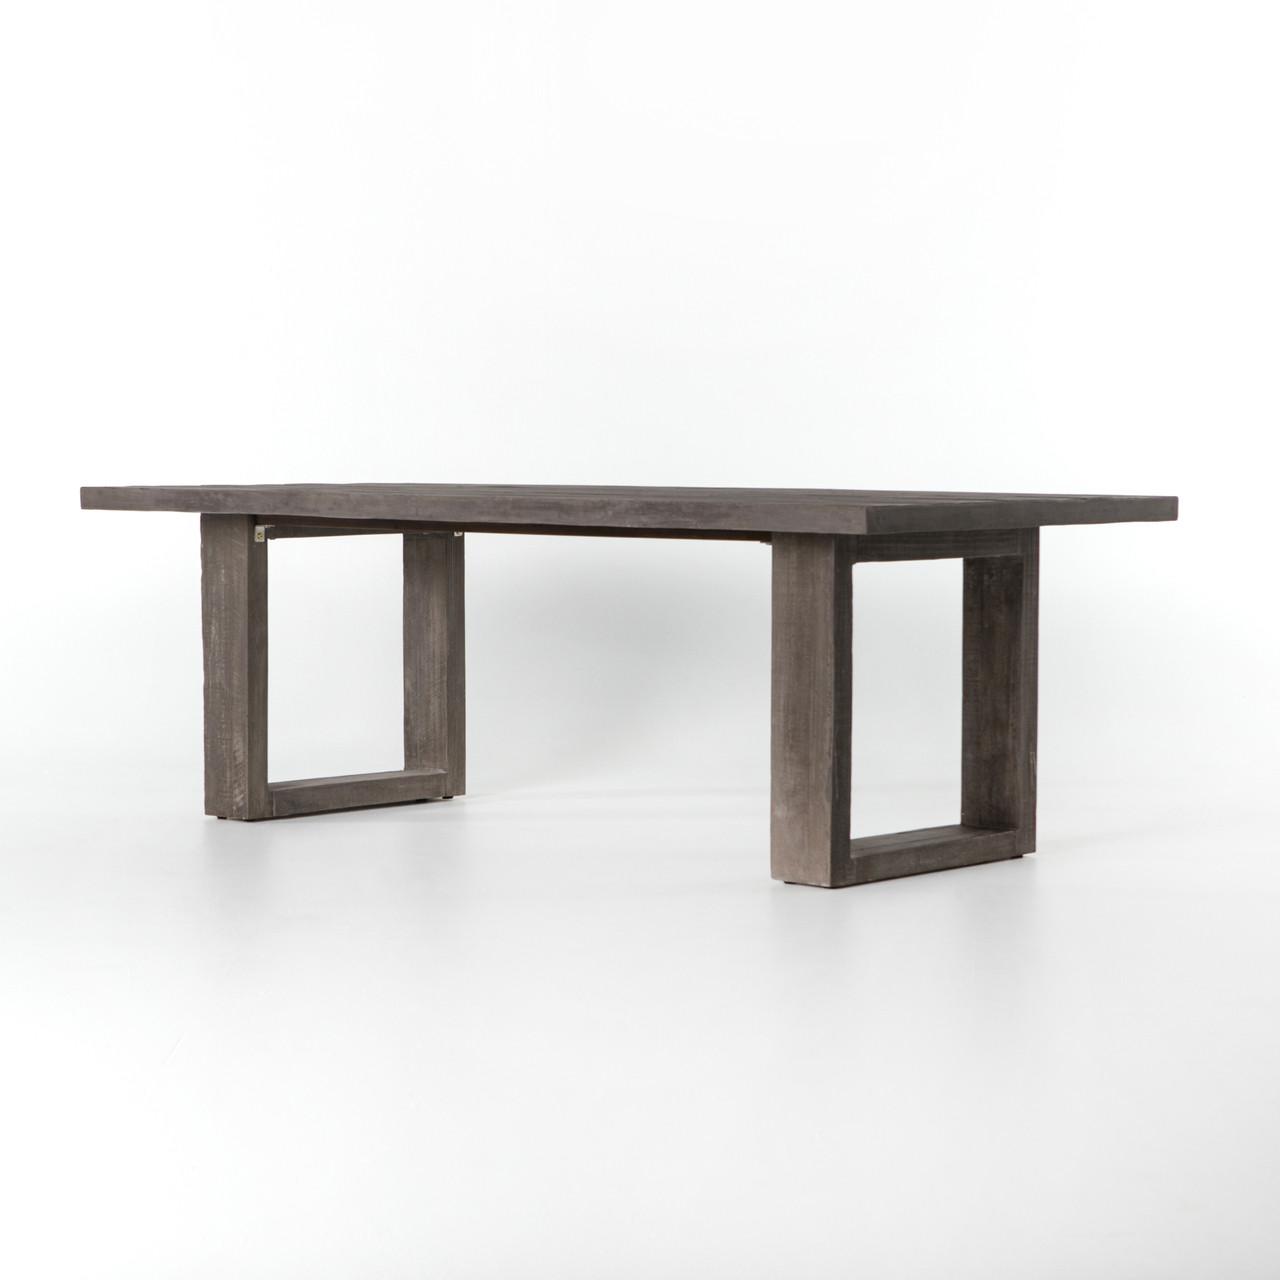 Faux Bois Concrete Outdoor Dining Table Zin Home - Faux concrete outdoor dining table